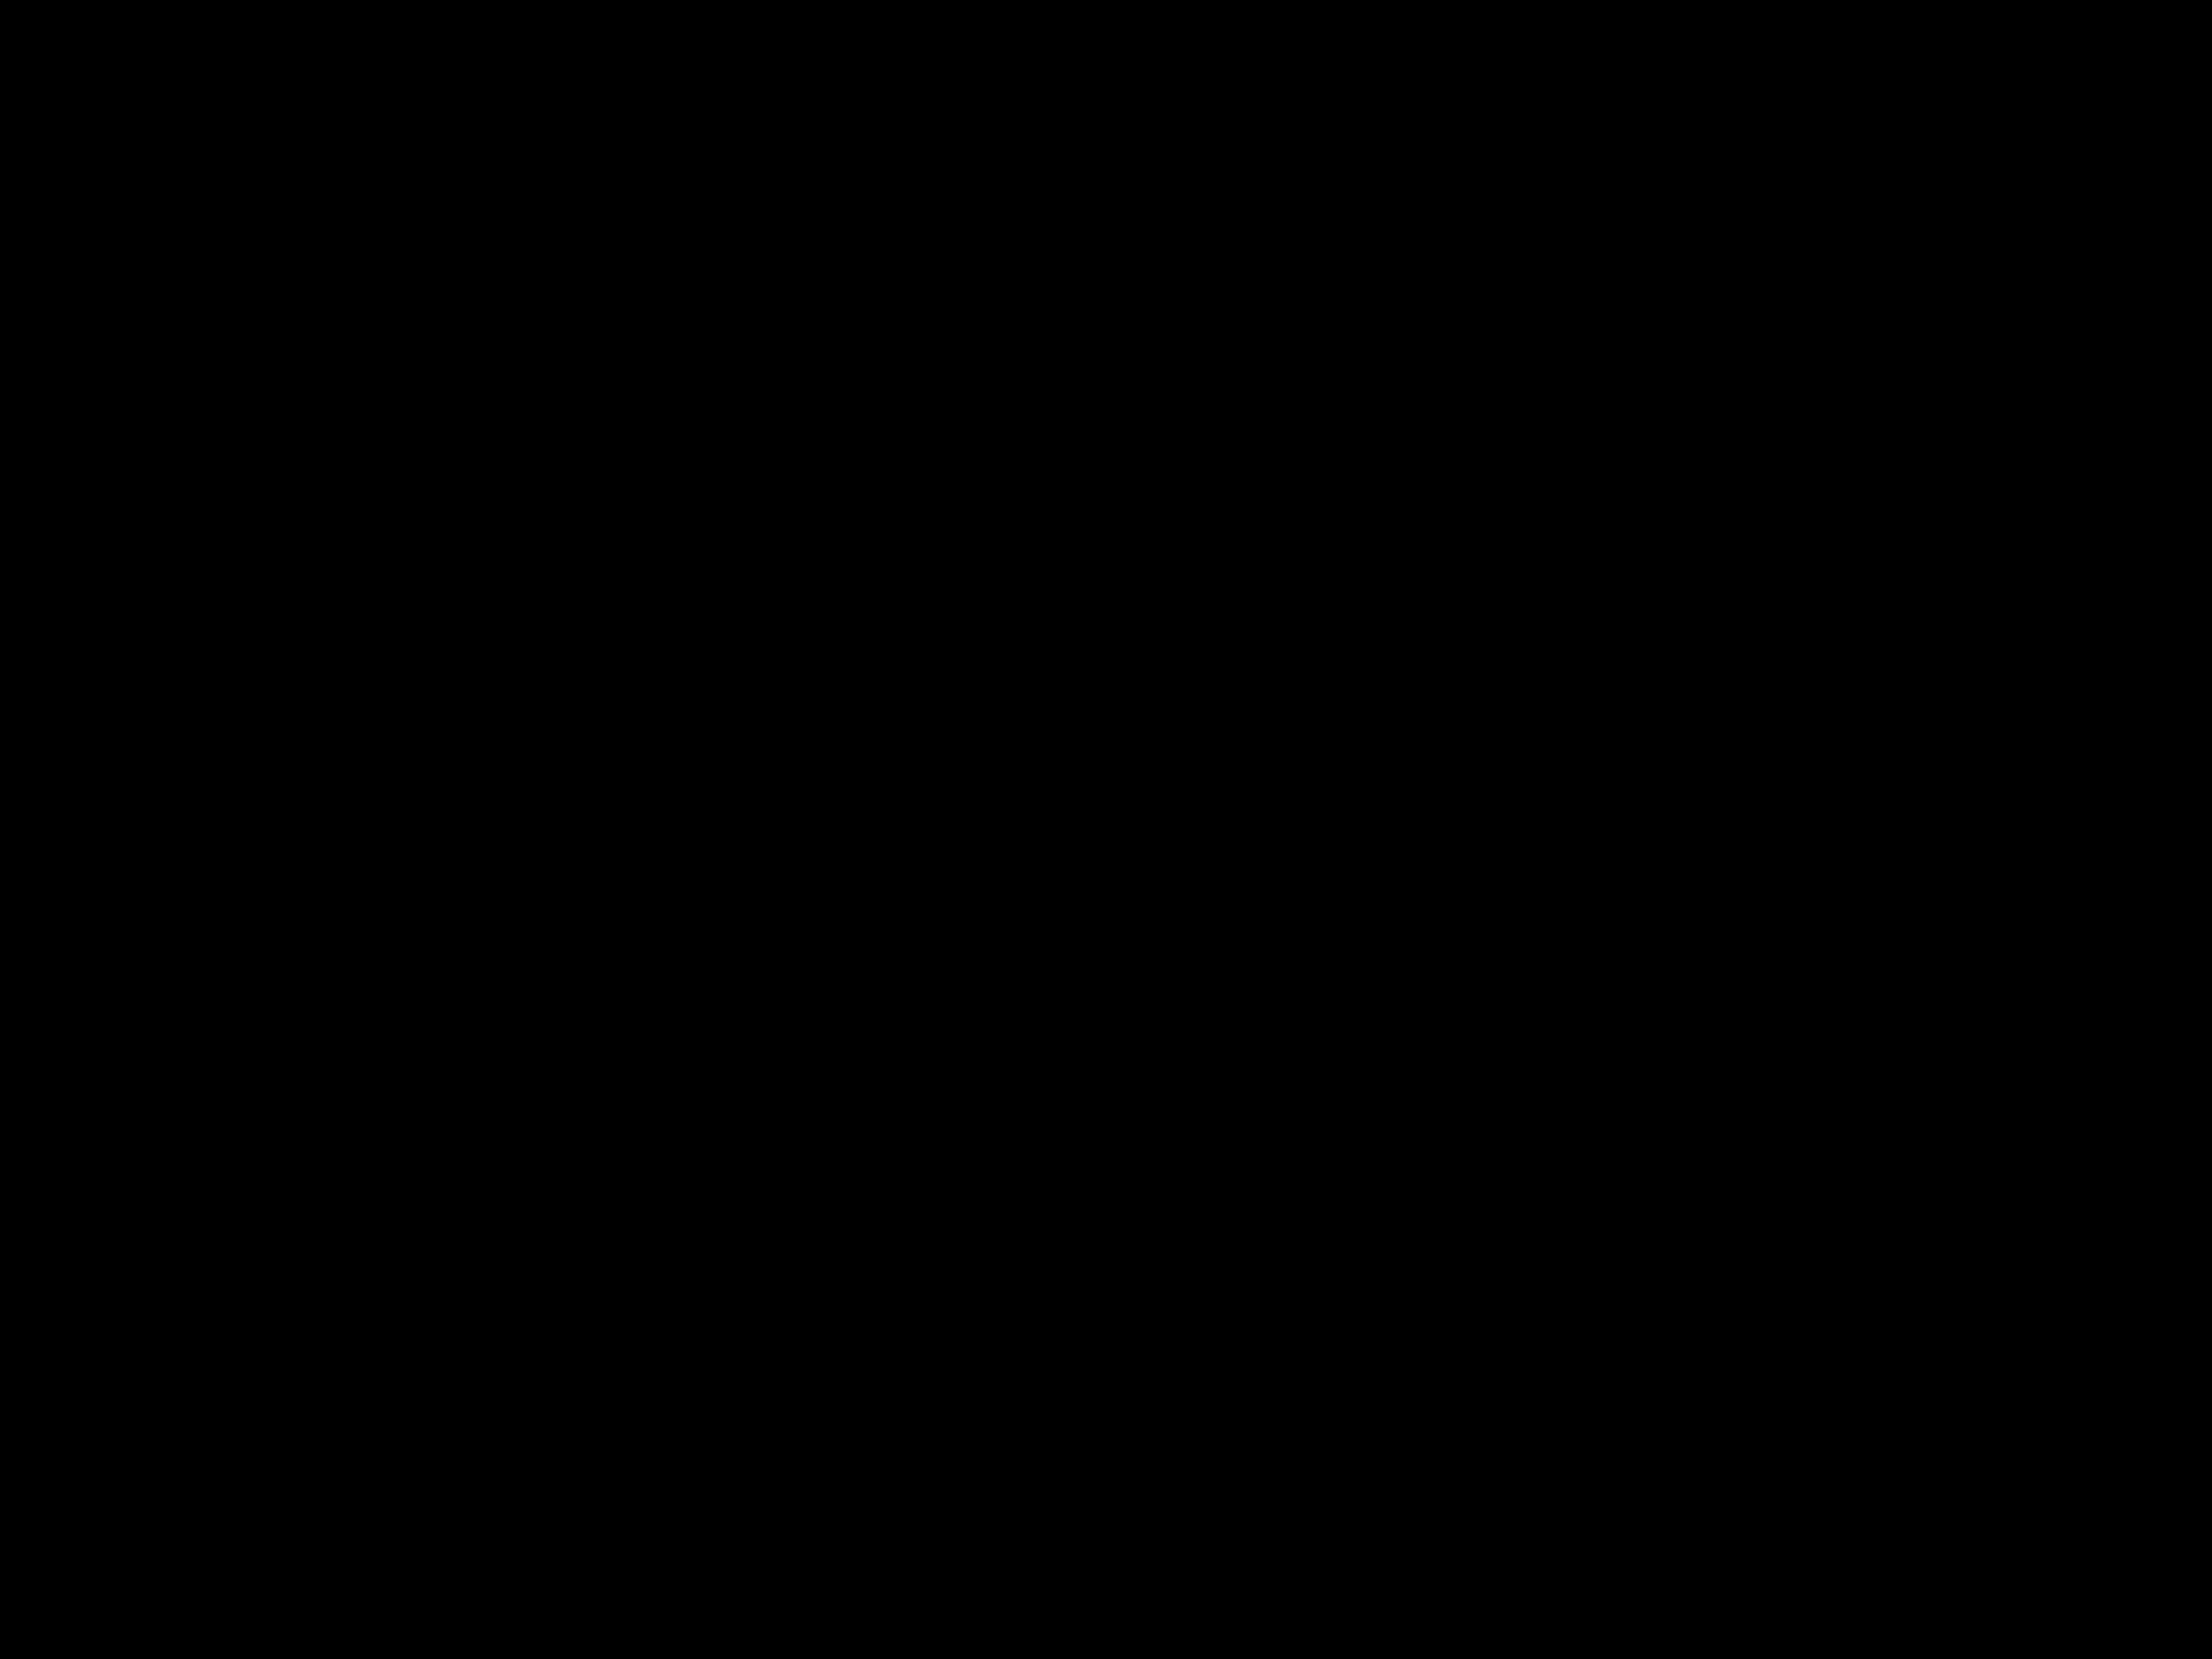 Hp Designjet Series Wide Format Printer Printer Printer Price